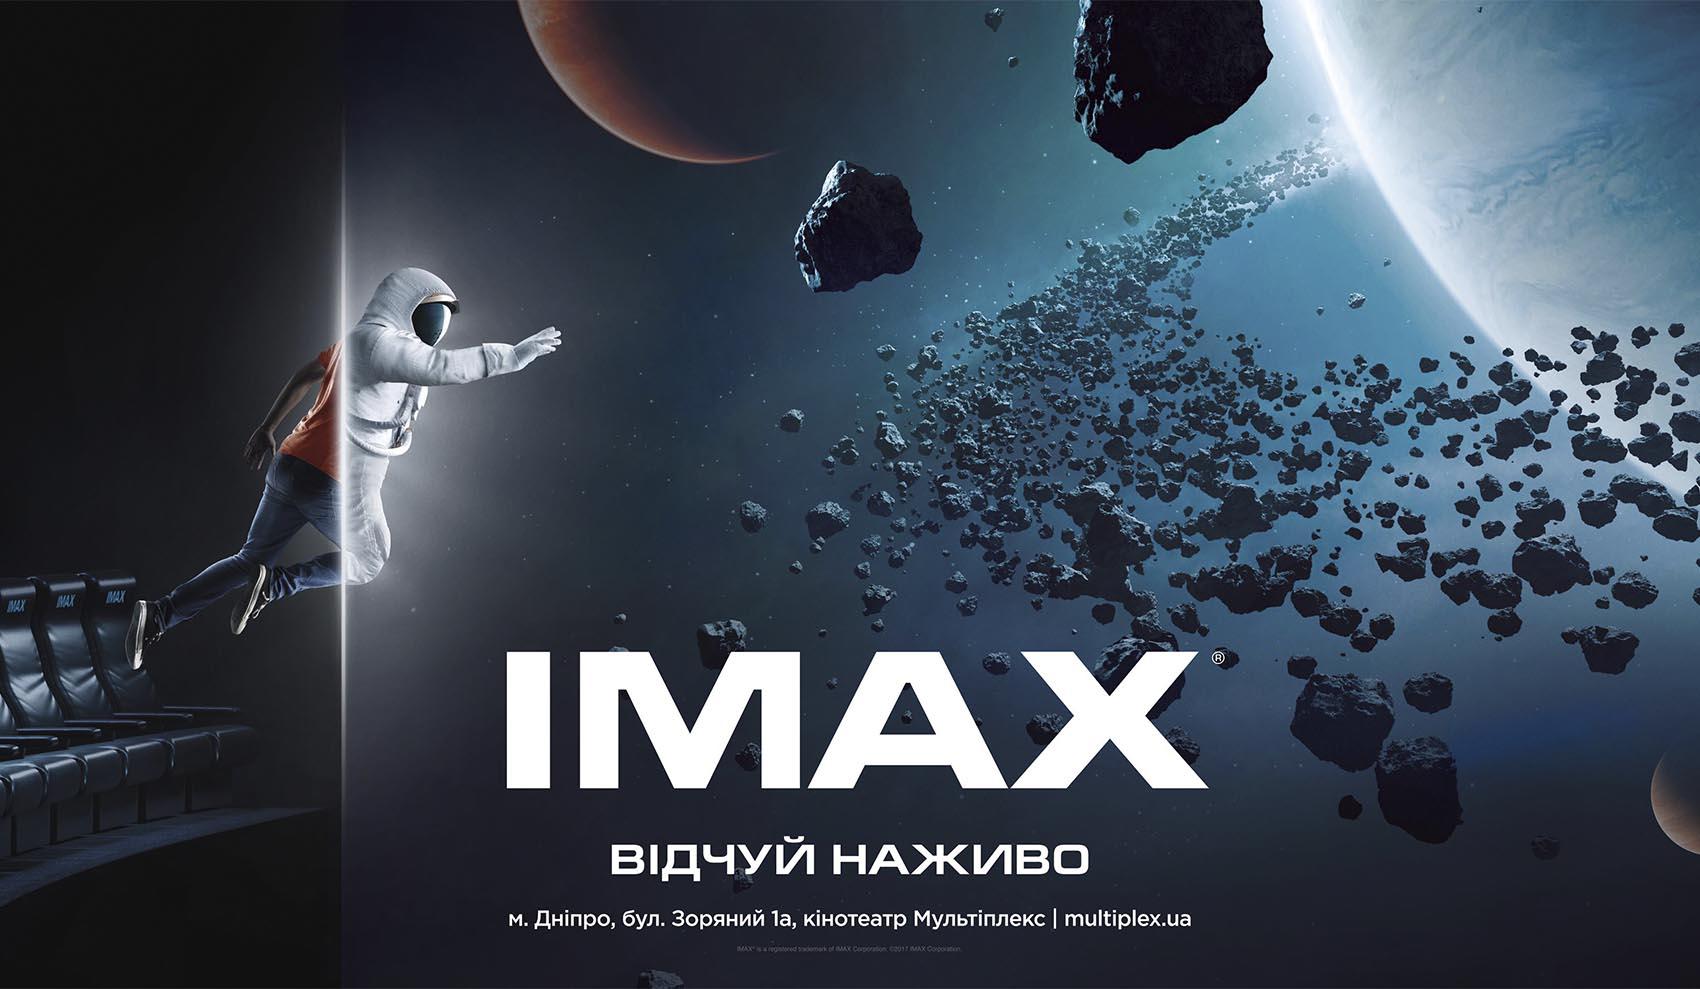 IMAX MULTIPLEX